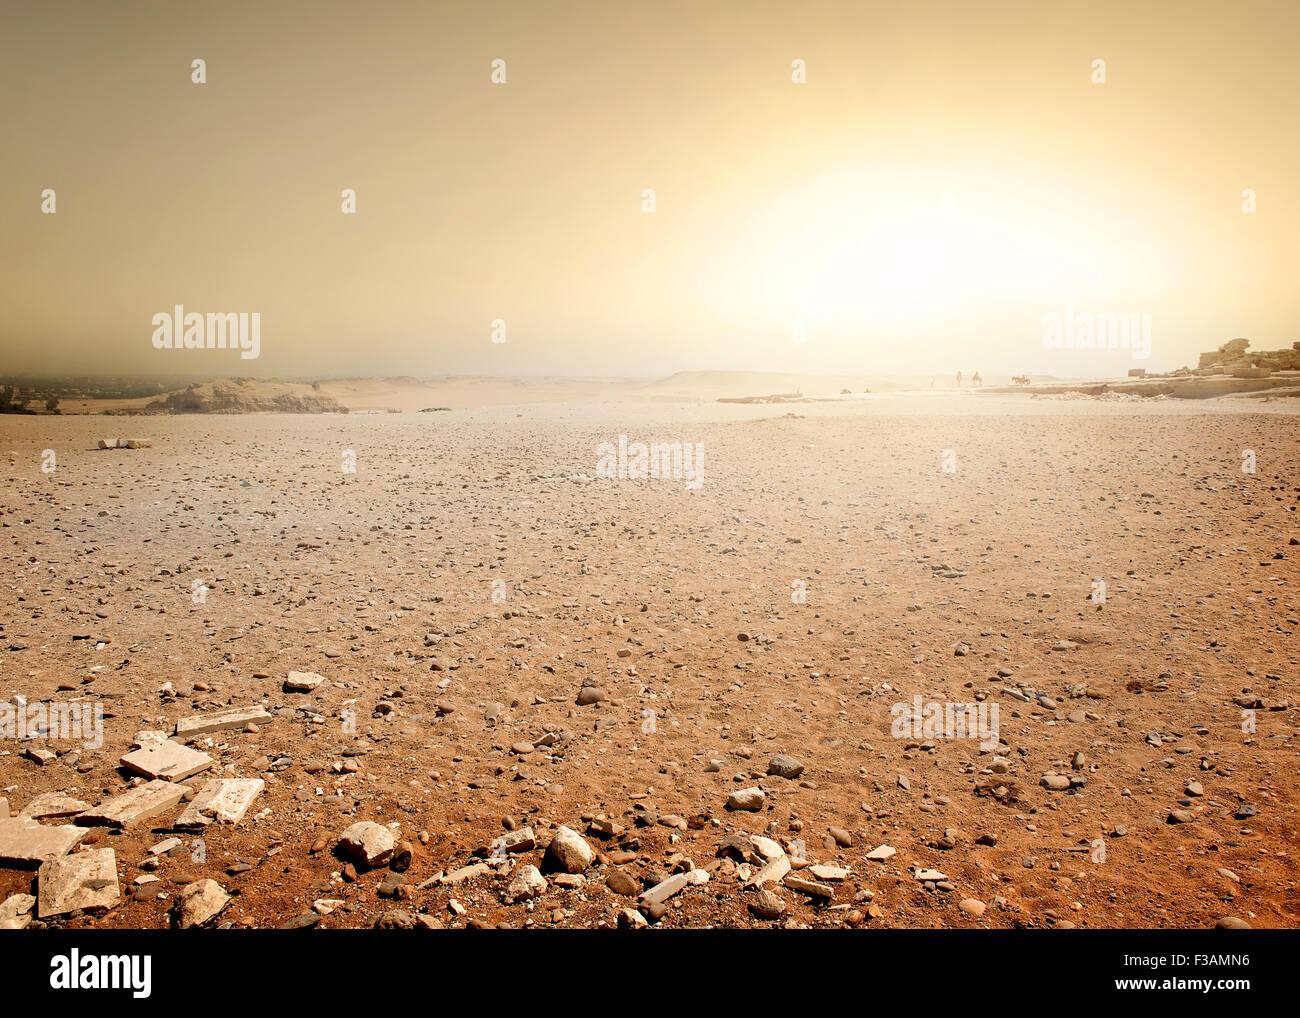 Deserto Sabbioso in Egitto al tramonto Immagini Stock